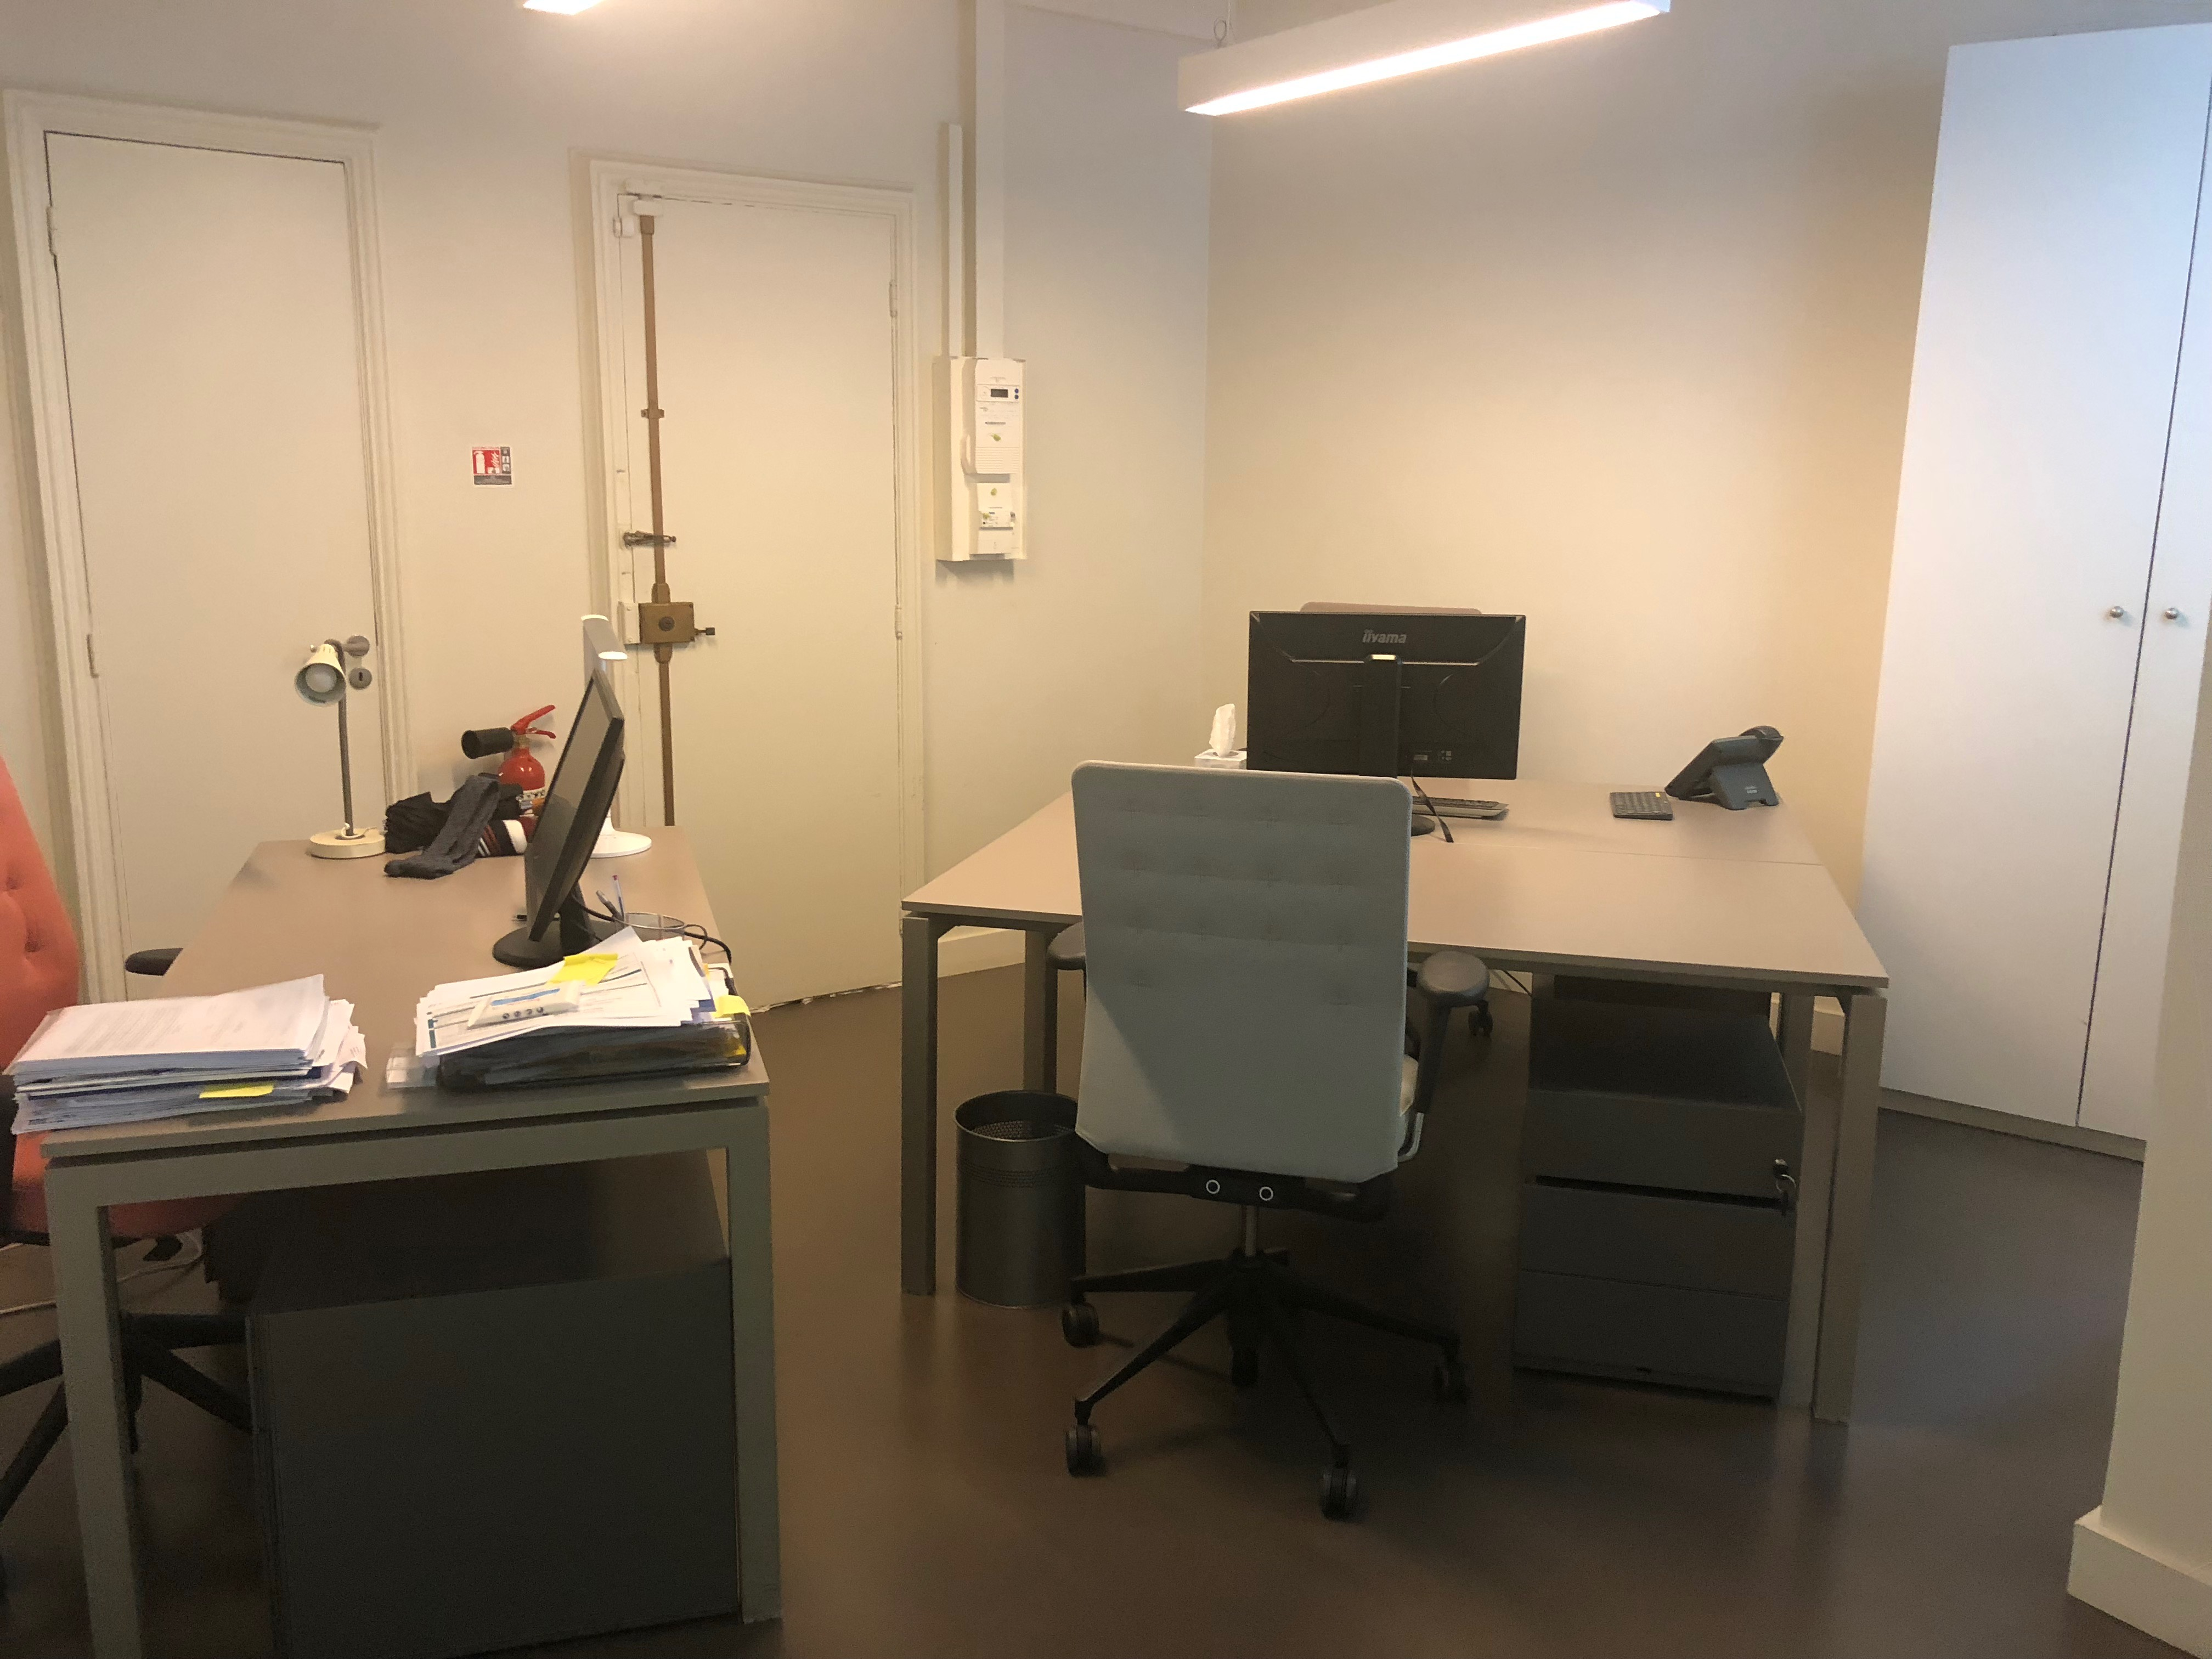 Sous location bureaux m² paris e conseil national des barreaux